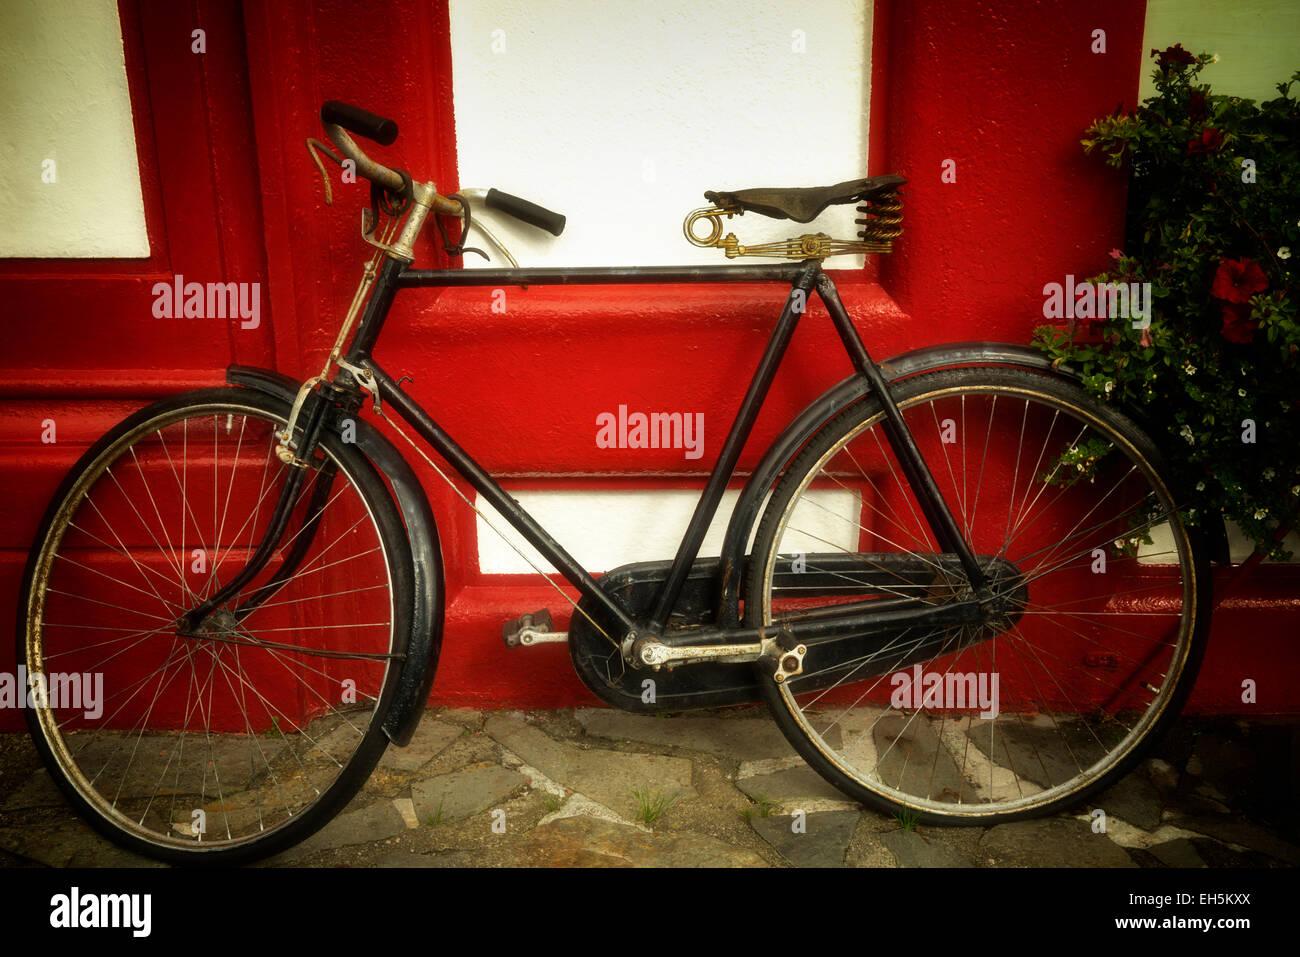 Vieux vélo à l'avant du magasin. Sewen,Valentia Island,République d'Irlande Photo Stock